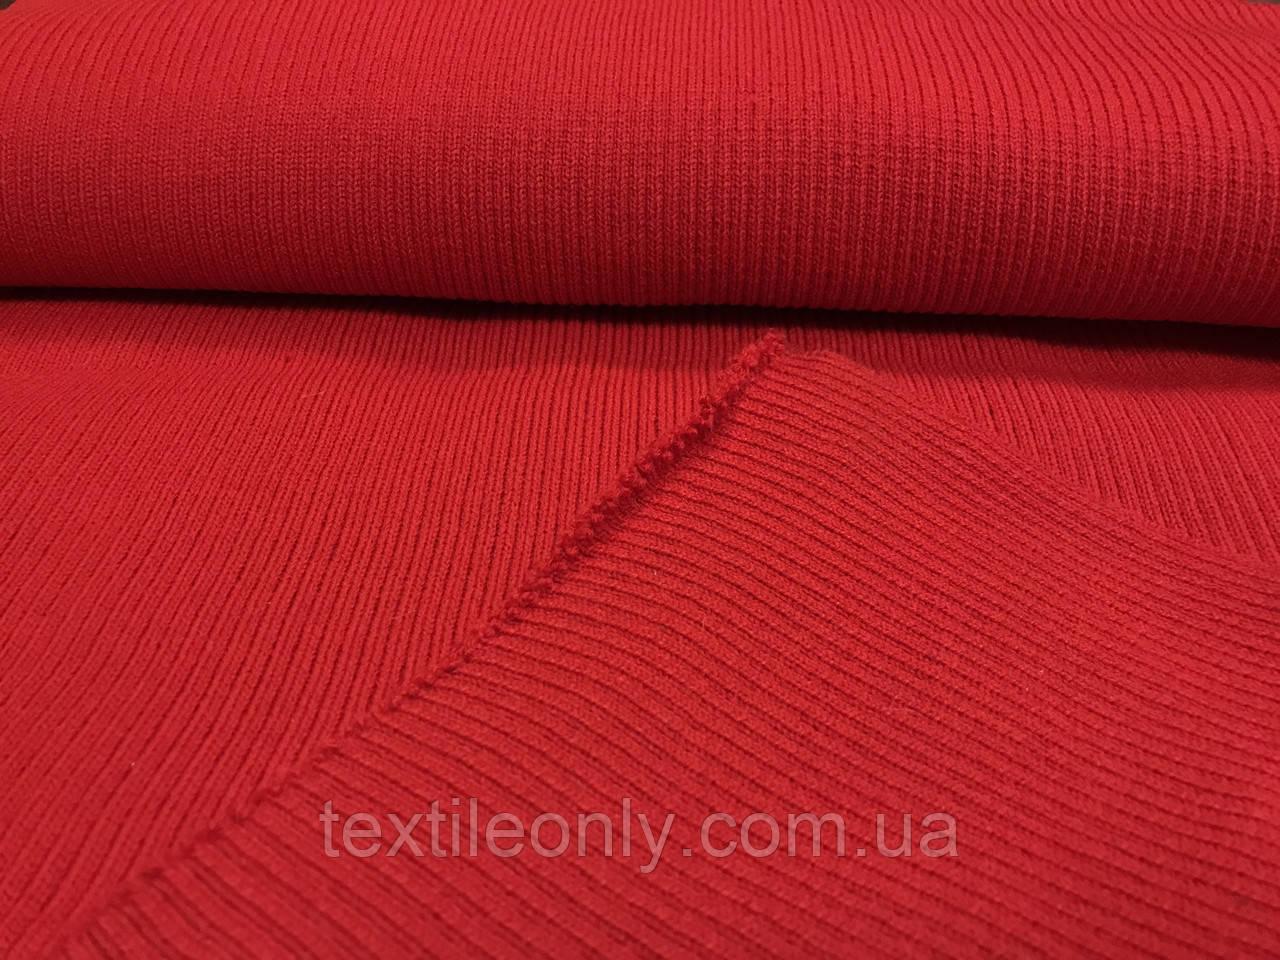 Довяз трикотажний гумка колір червоний 45 см